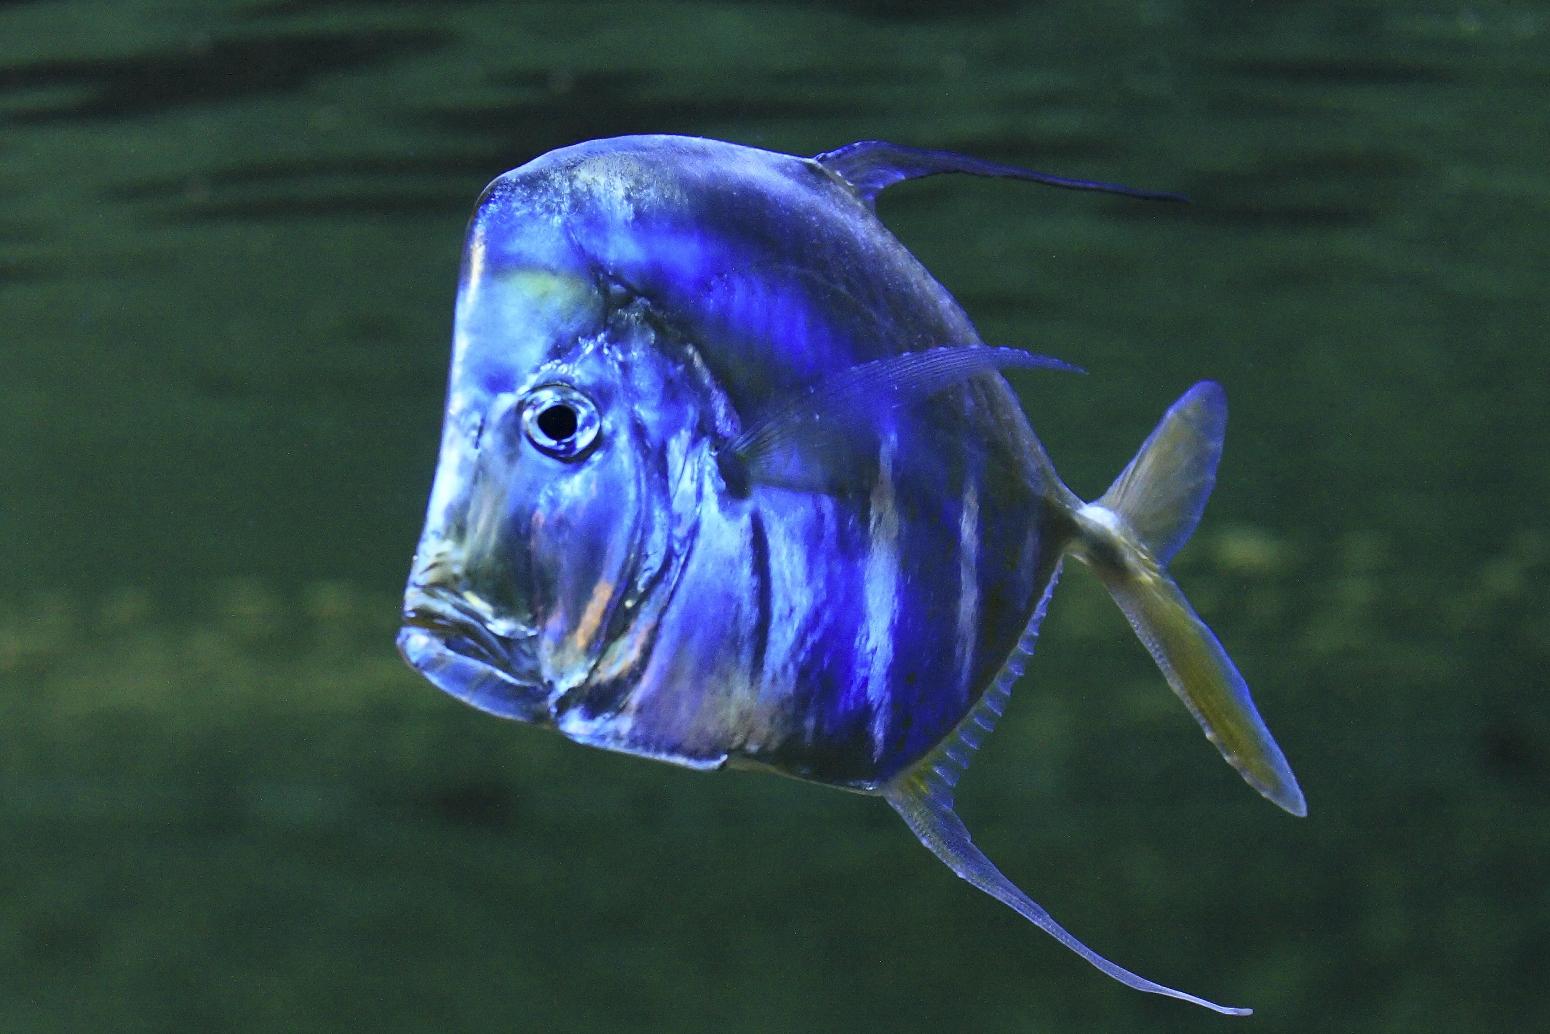 Wer kennt diesen Fisch??